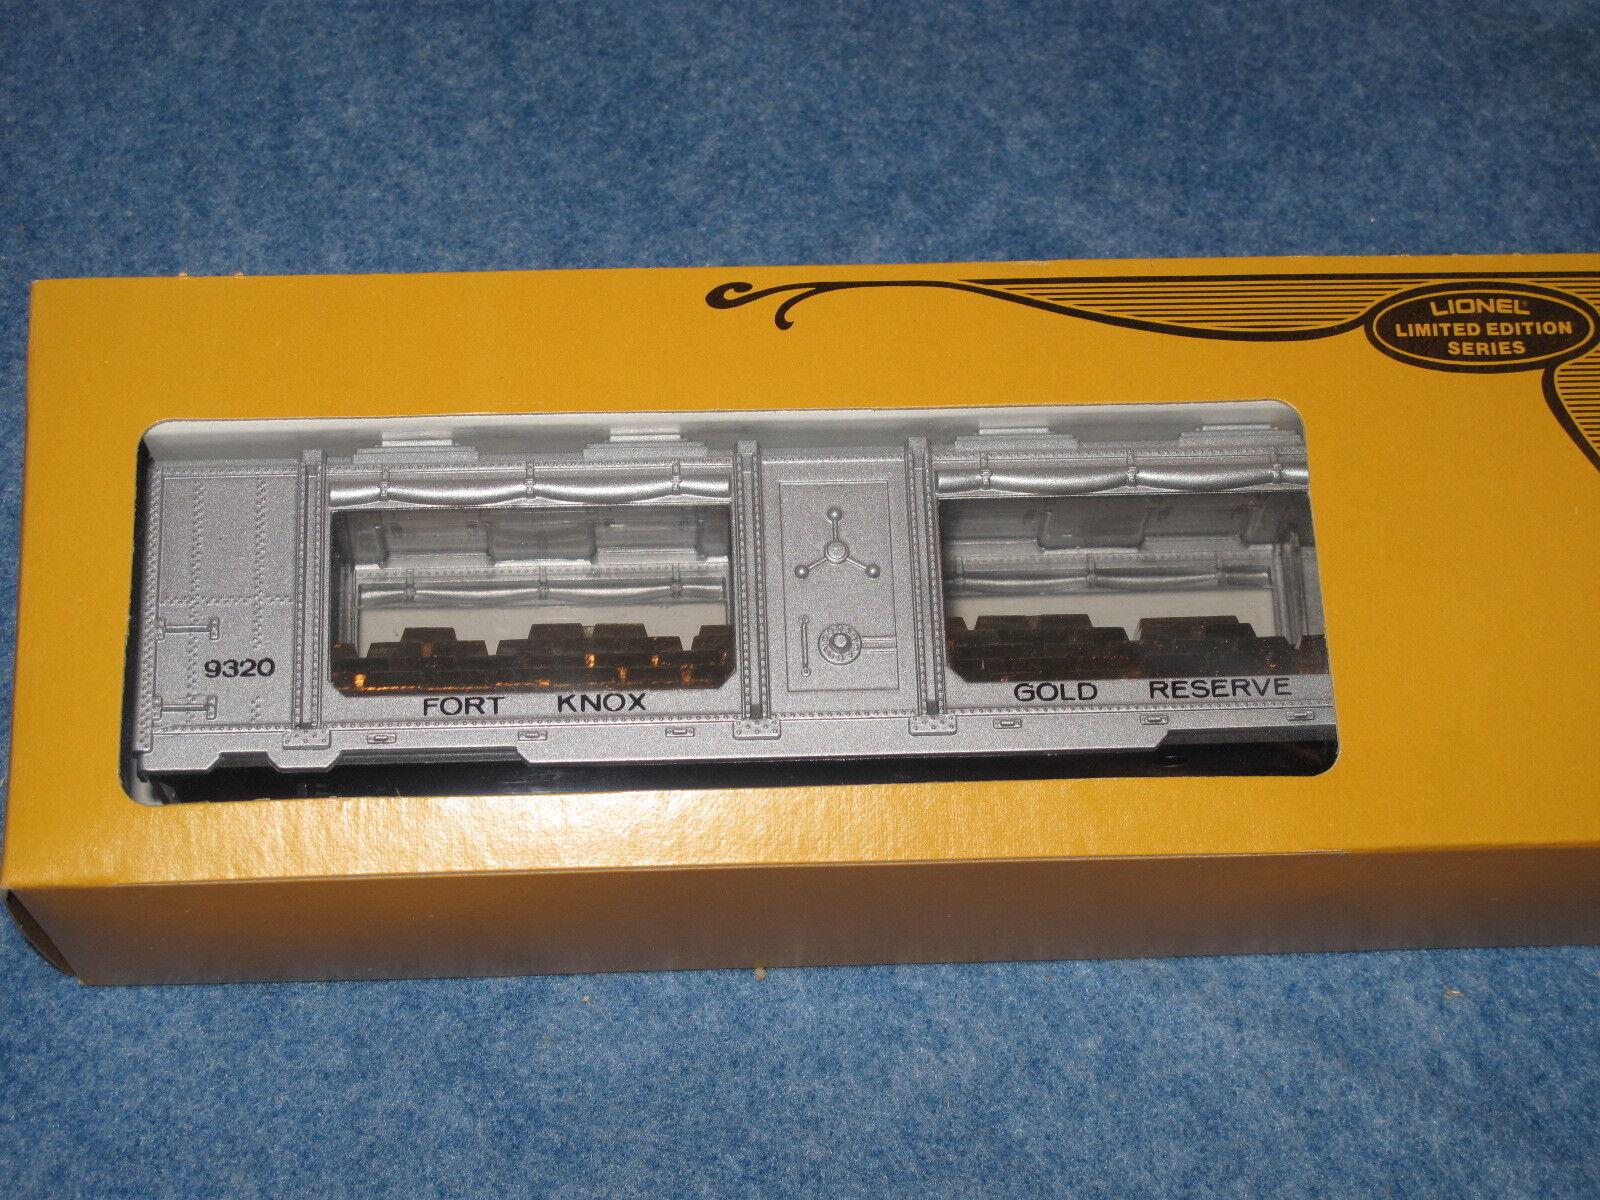 1979 Lionel 6-9320 Fort Knox oro Bullion auto L0516 L0516 L0516 064bb3